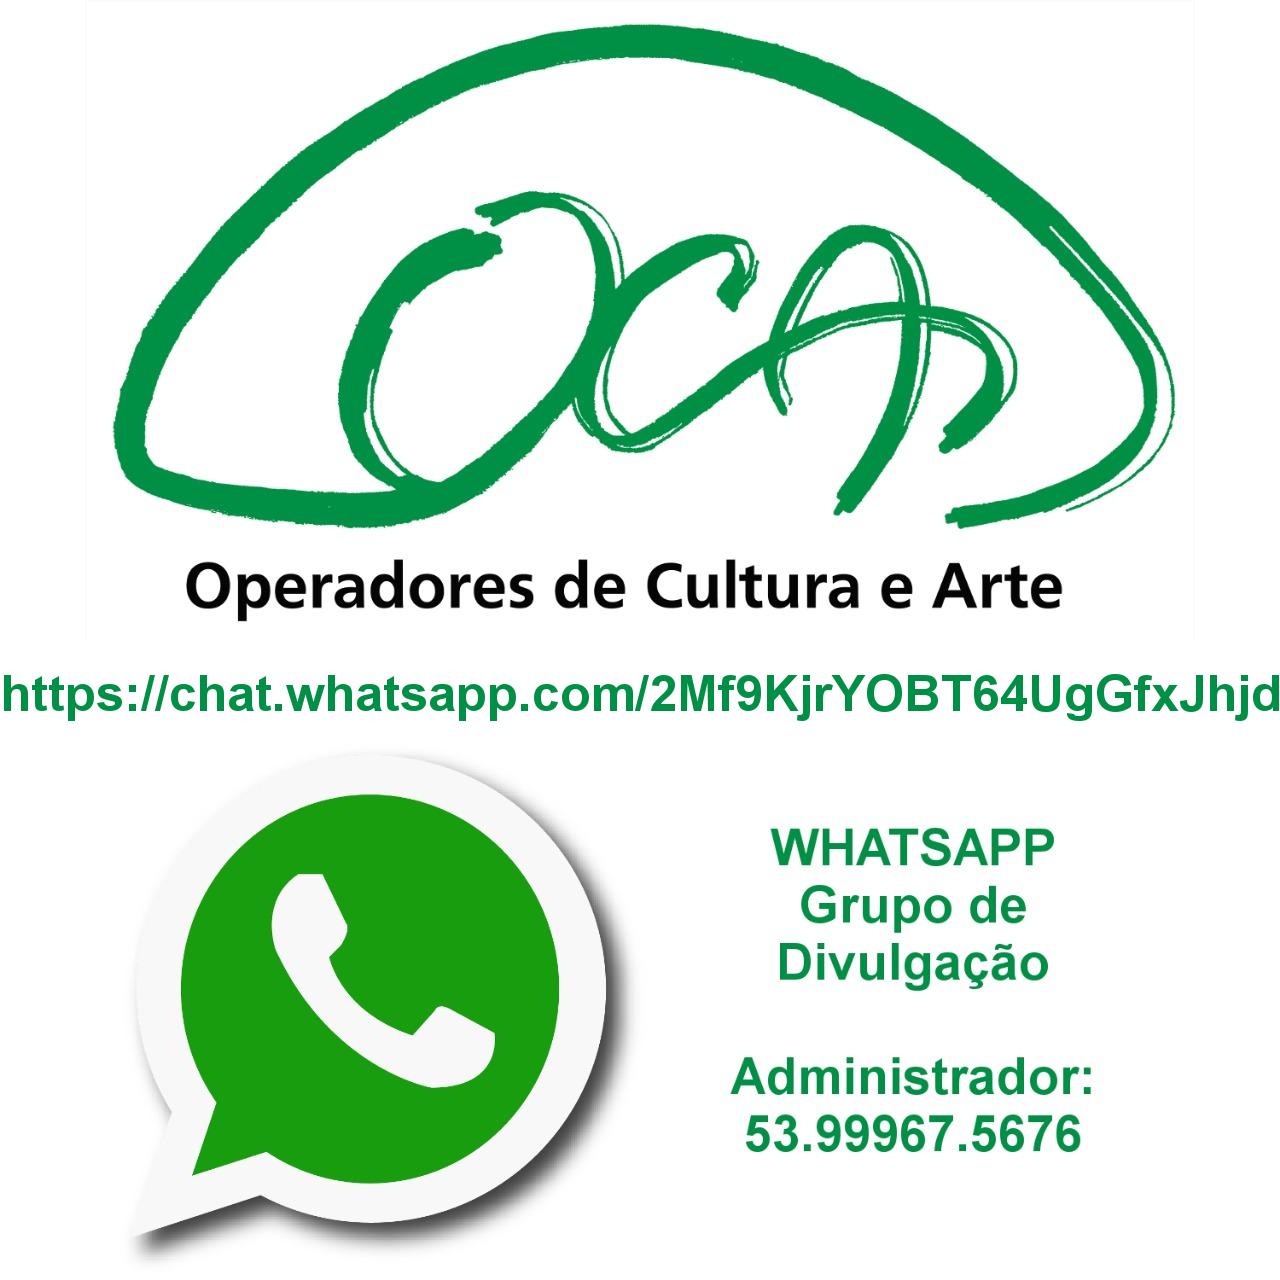 OCA WhatsApp